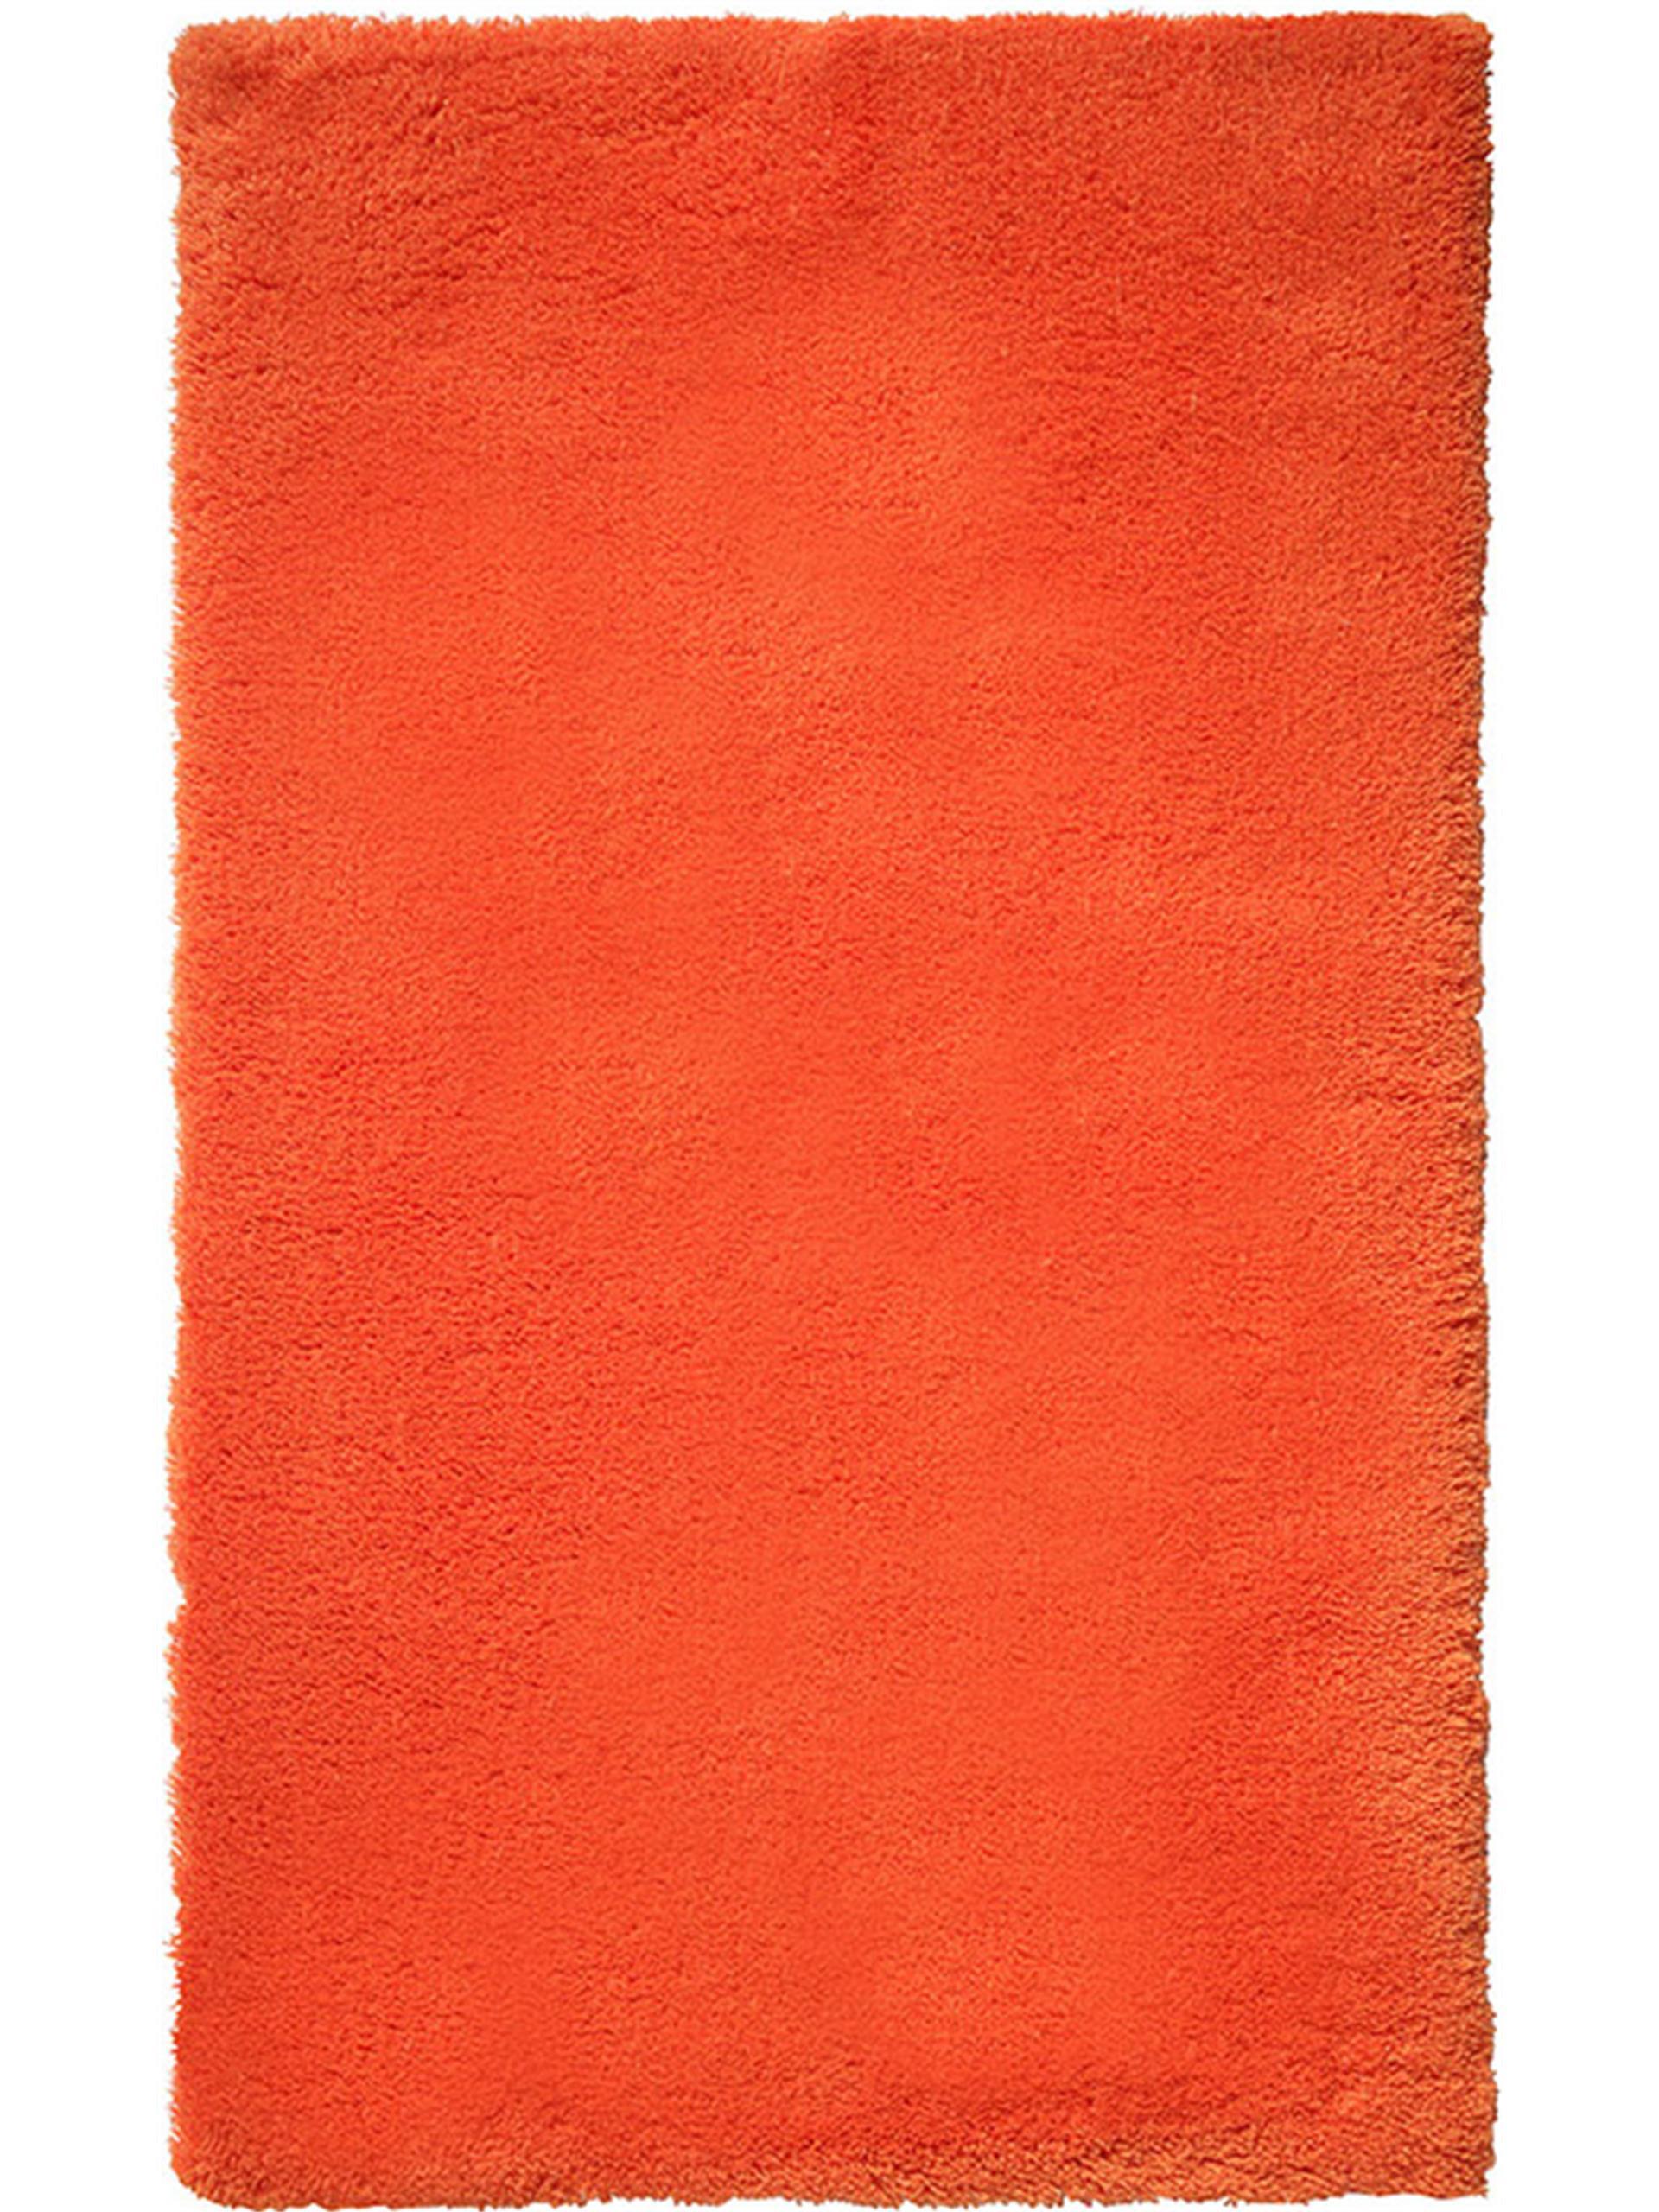 Esprit c tapis de bain event orange 55x65 cm - Tapis salle de bain fushia ...